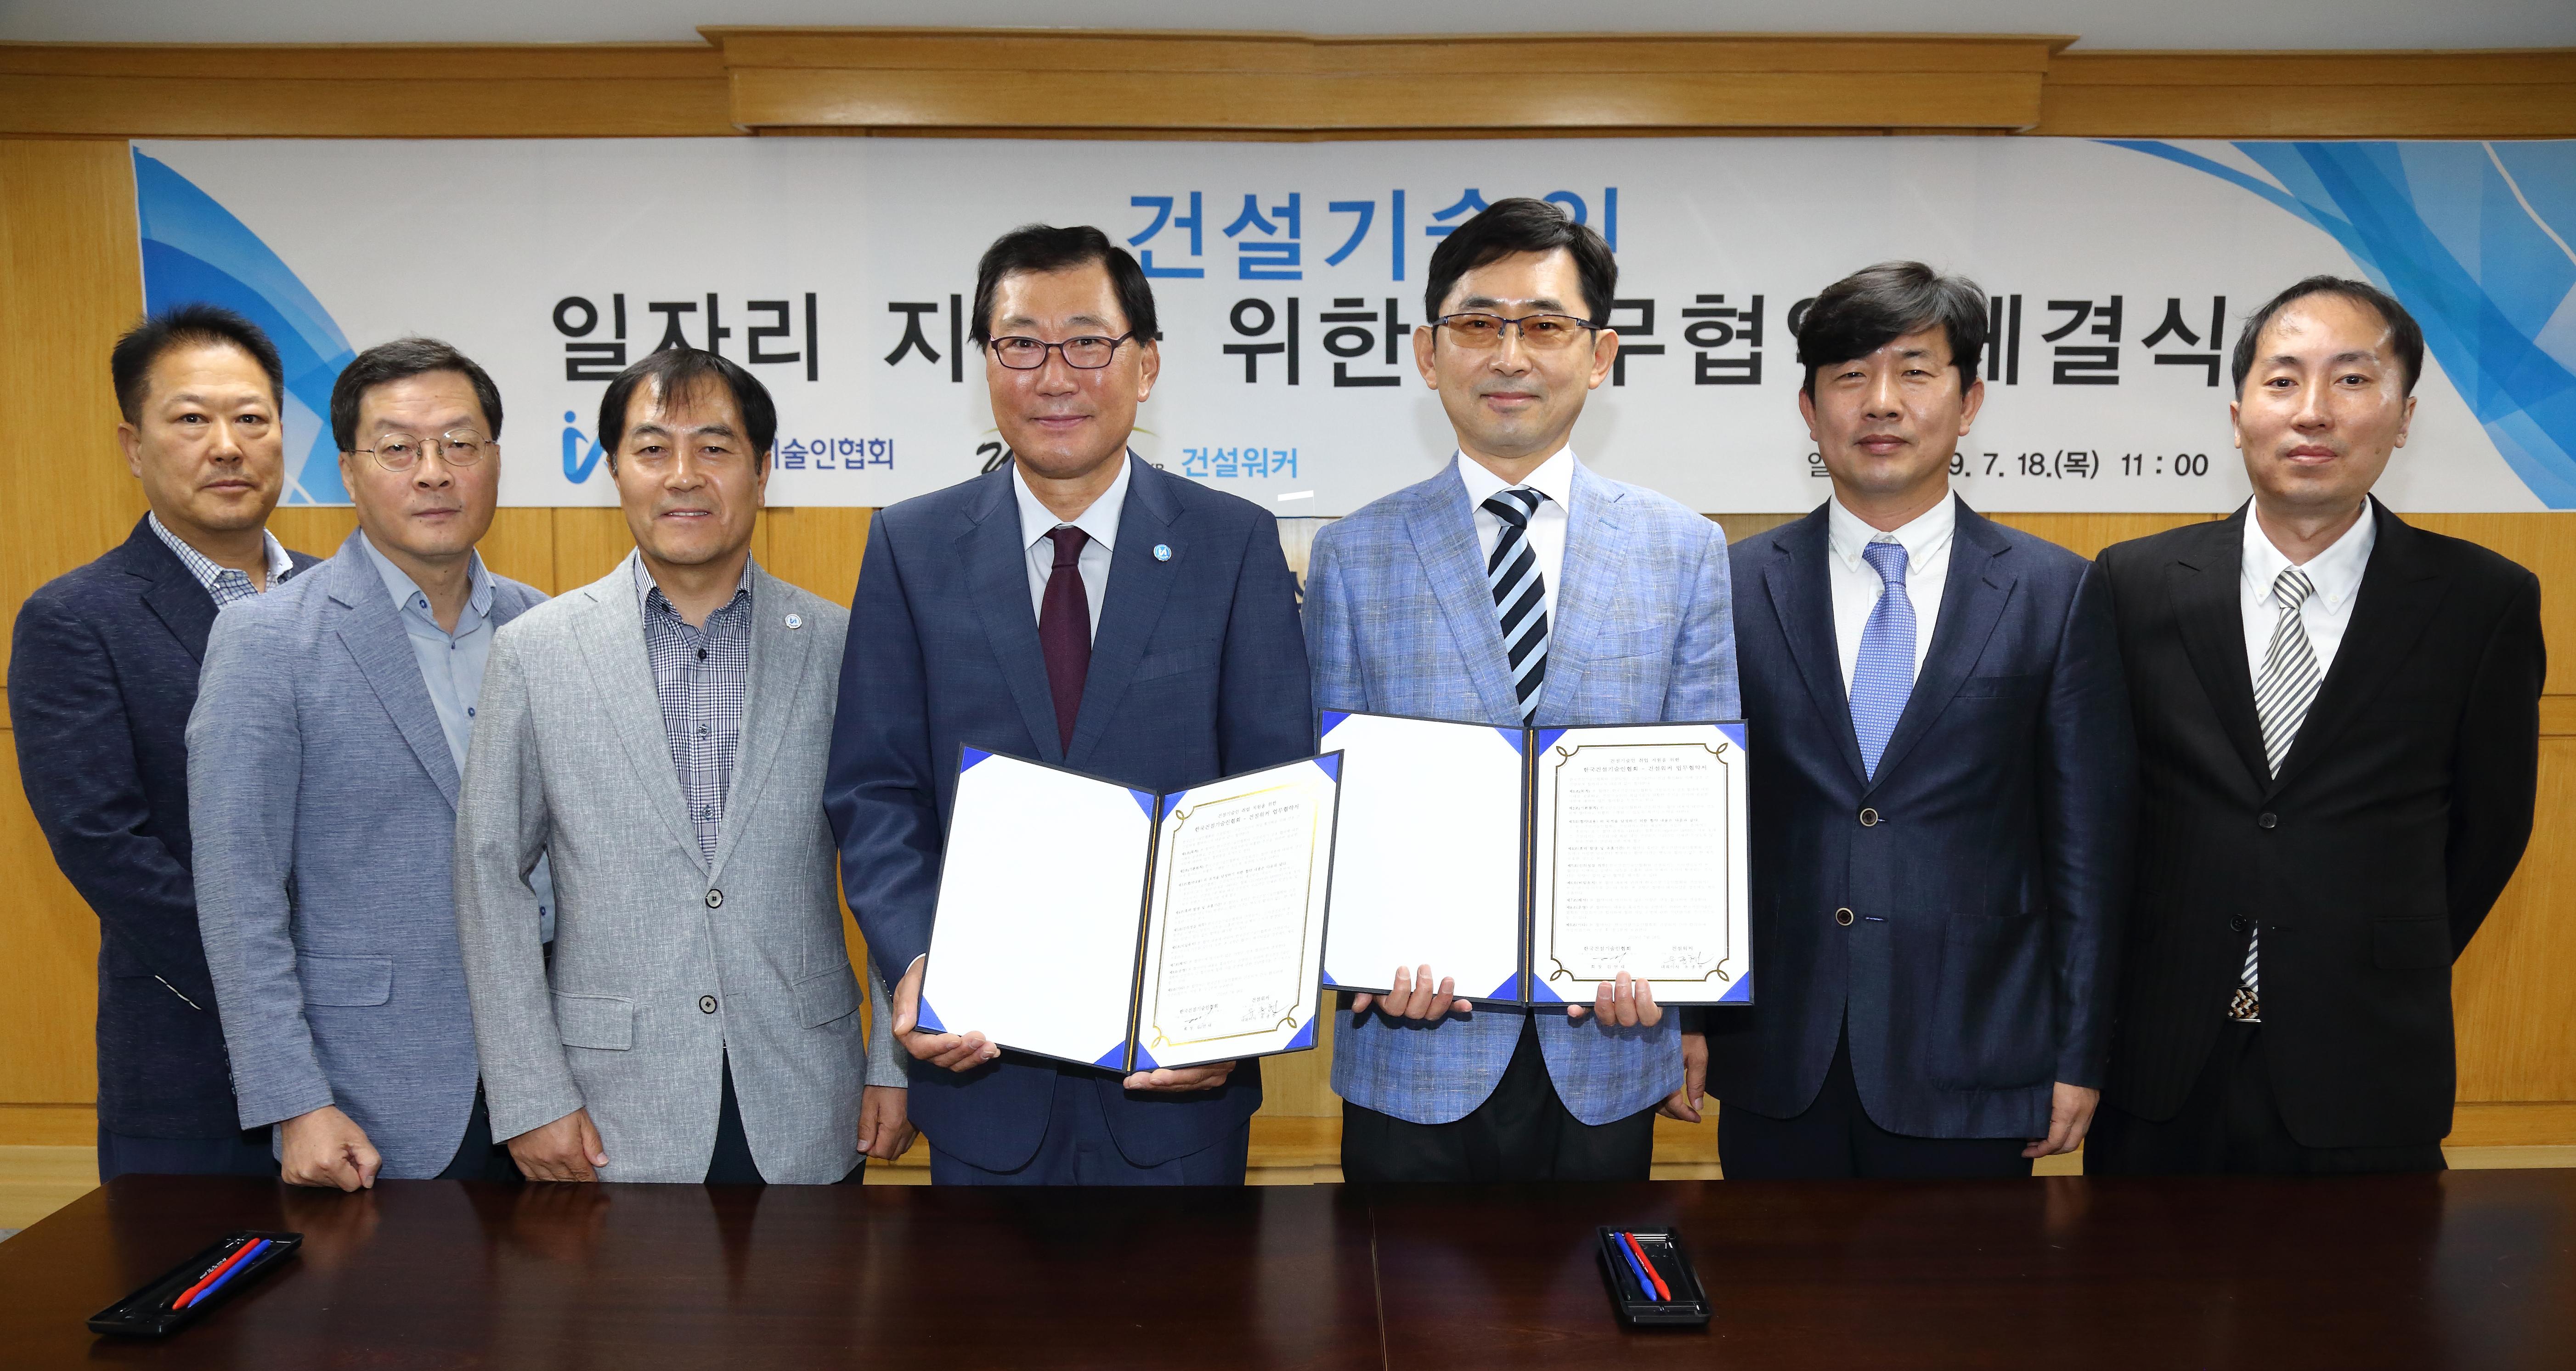 건설워커-한국건설기술인협회 업무협약…취업지원 '동맹'